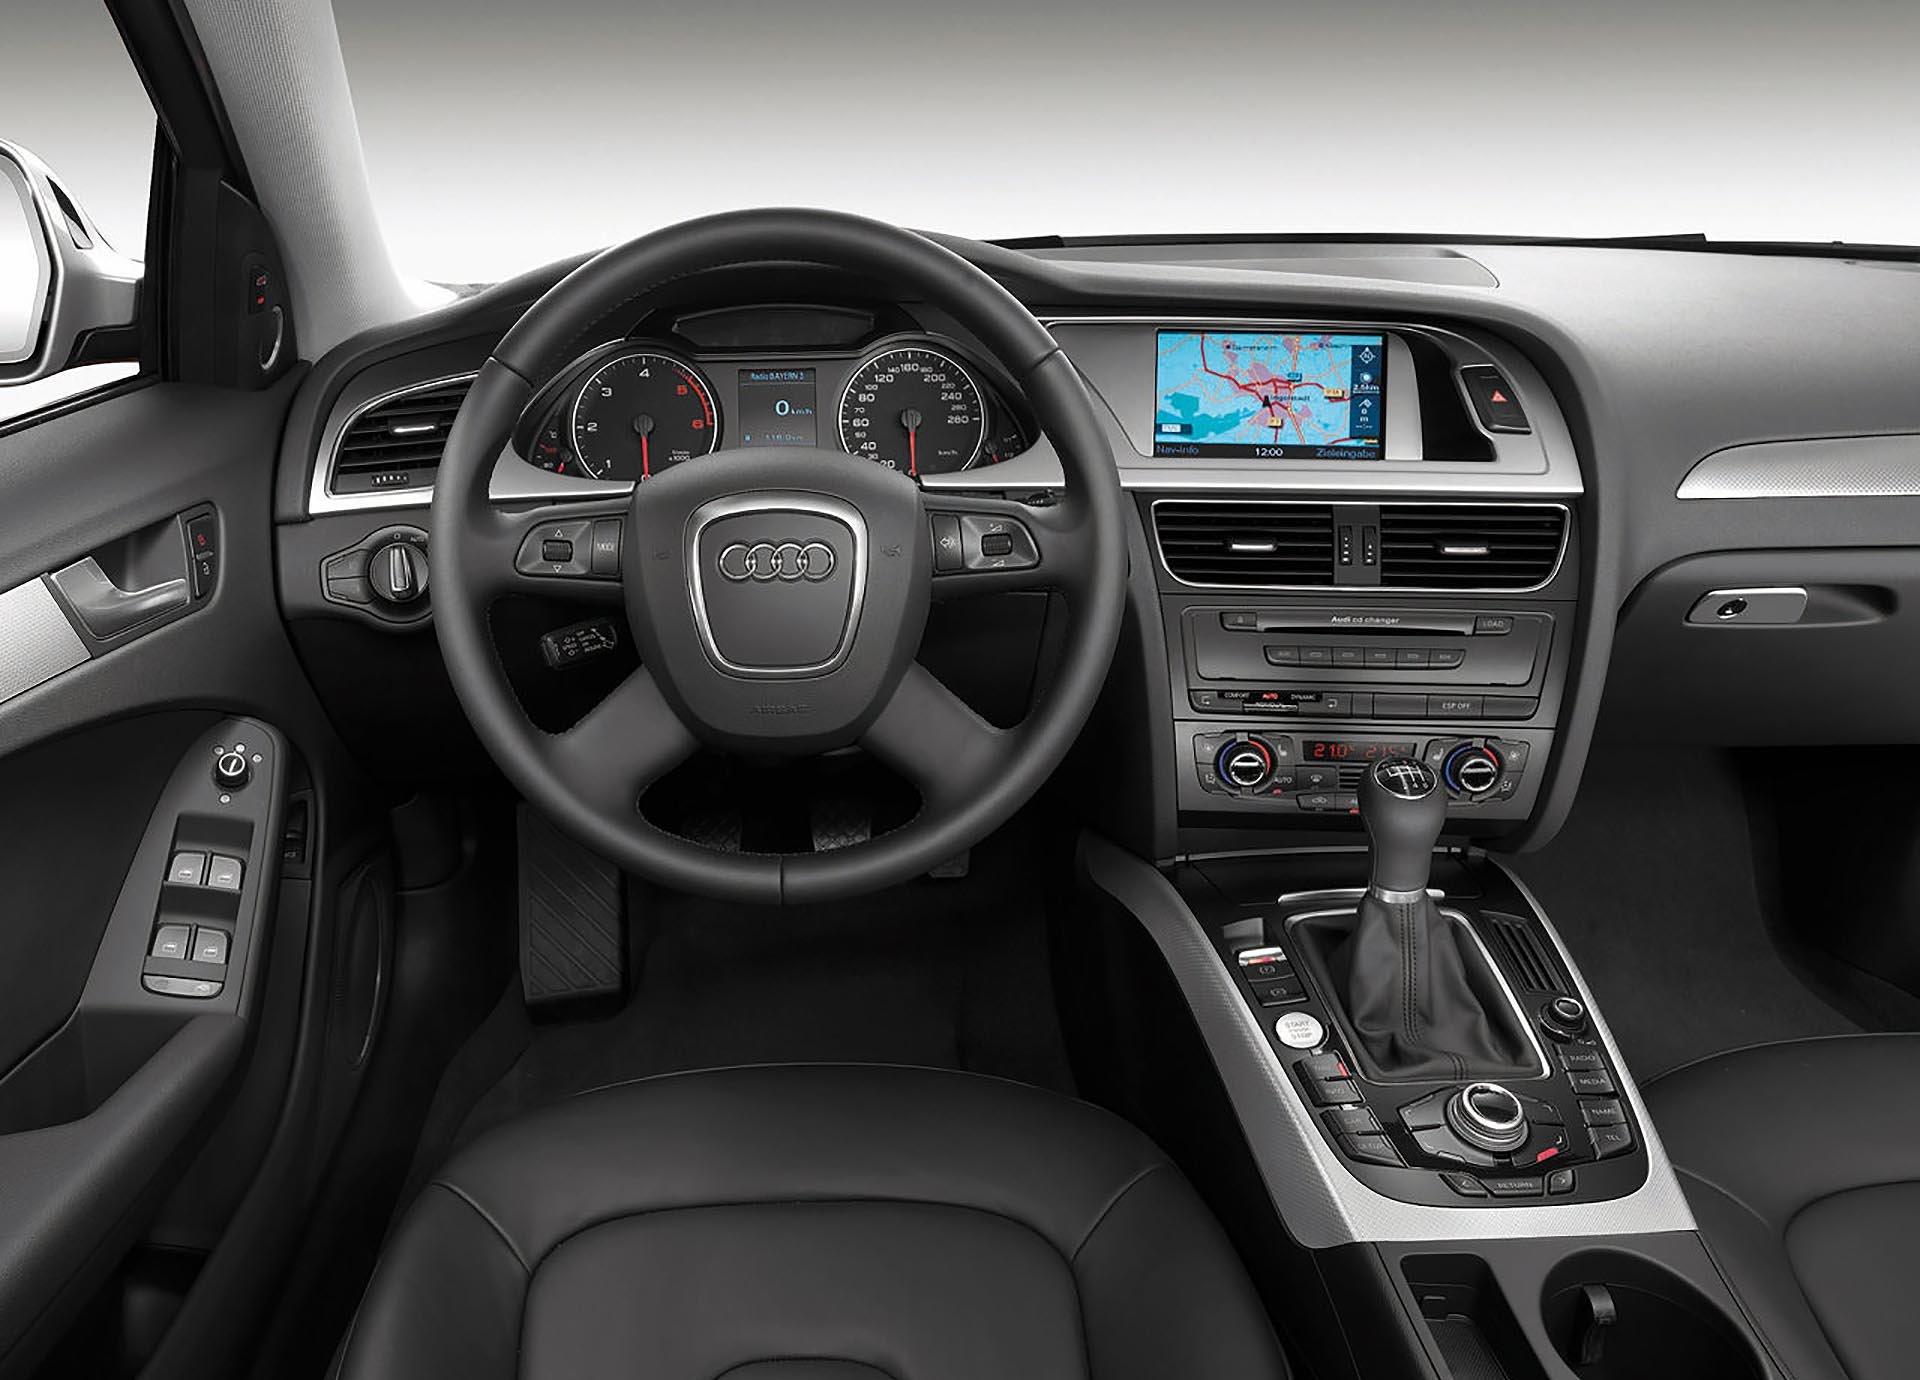 08_B8 Audi A4 Interior silver trim